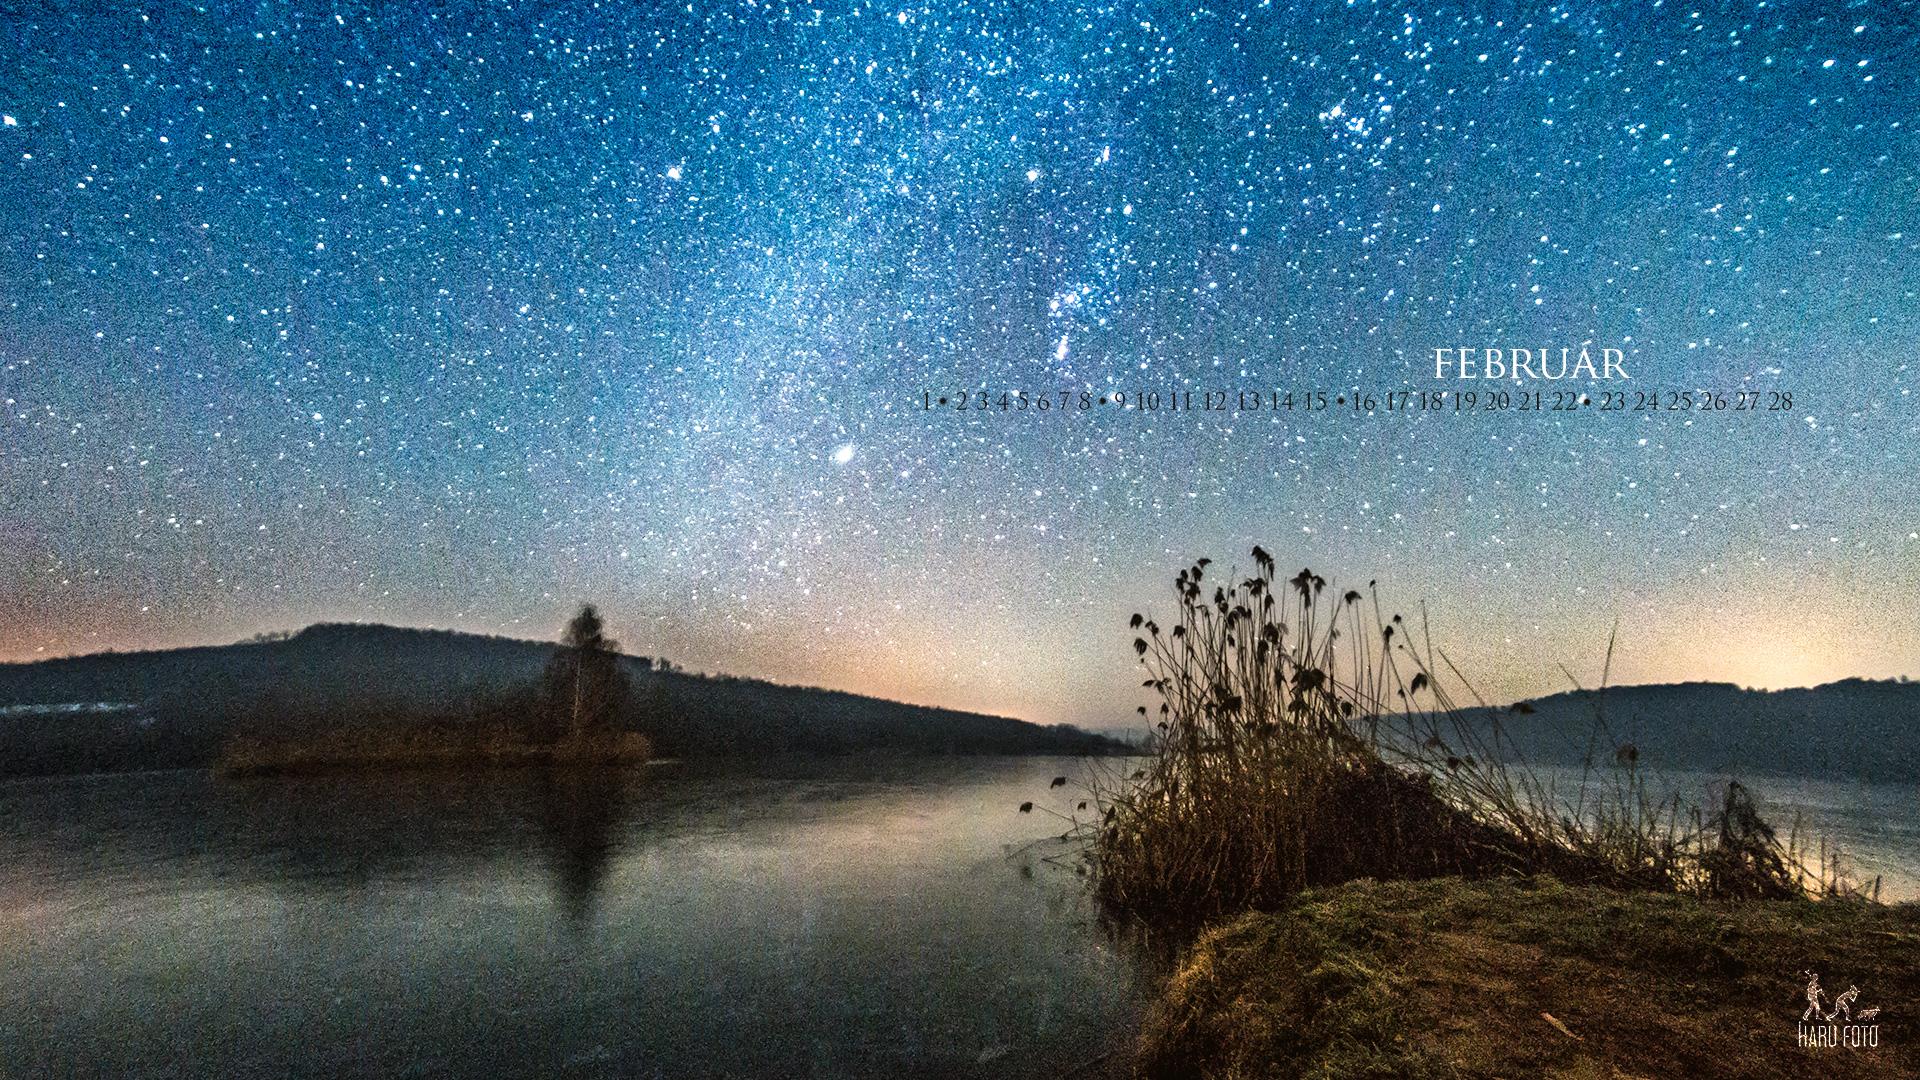 februári naptár háttérkép Februári csillagos ég háttér | Harufoto a kreatív műhely februári naptár háttérkép